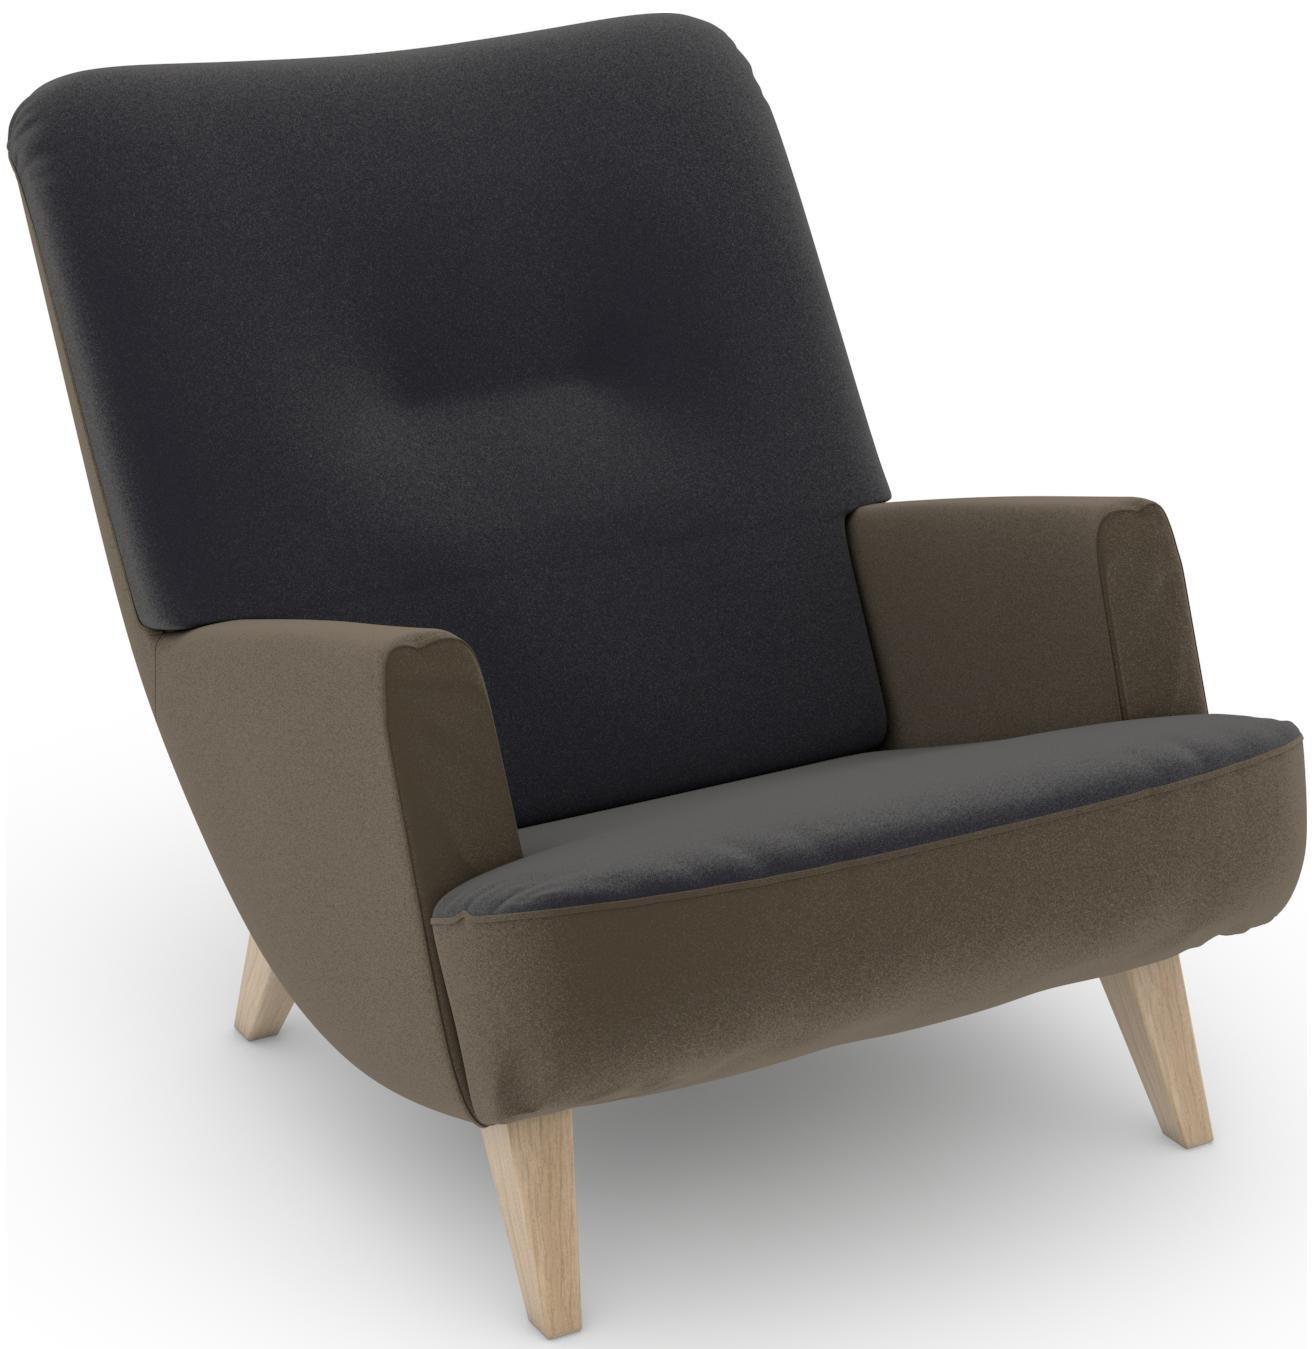 Max Winzer® build-a-chair Loungesessel »Borano« im Retrolook, zum Selbstgestalten   Wohnzimmer > Sessel > Loungesessel   Geblümt   Samtvelours - Nussbaum - Buche - Polyester   Max Winzer®